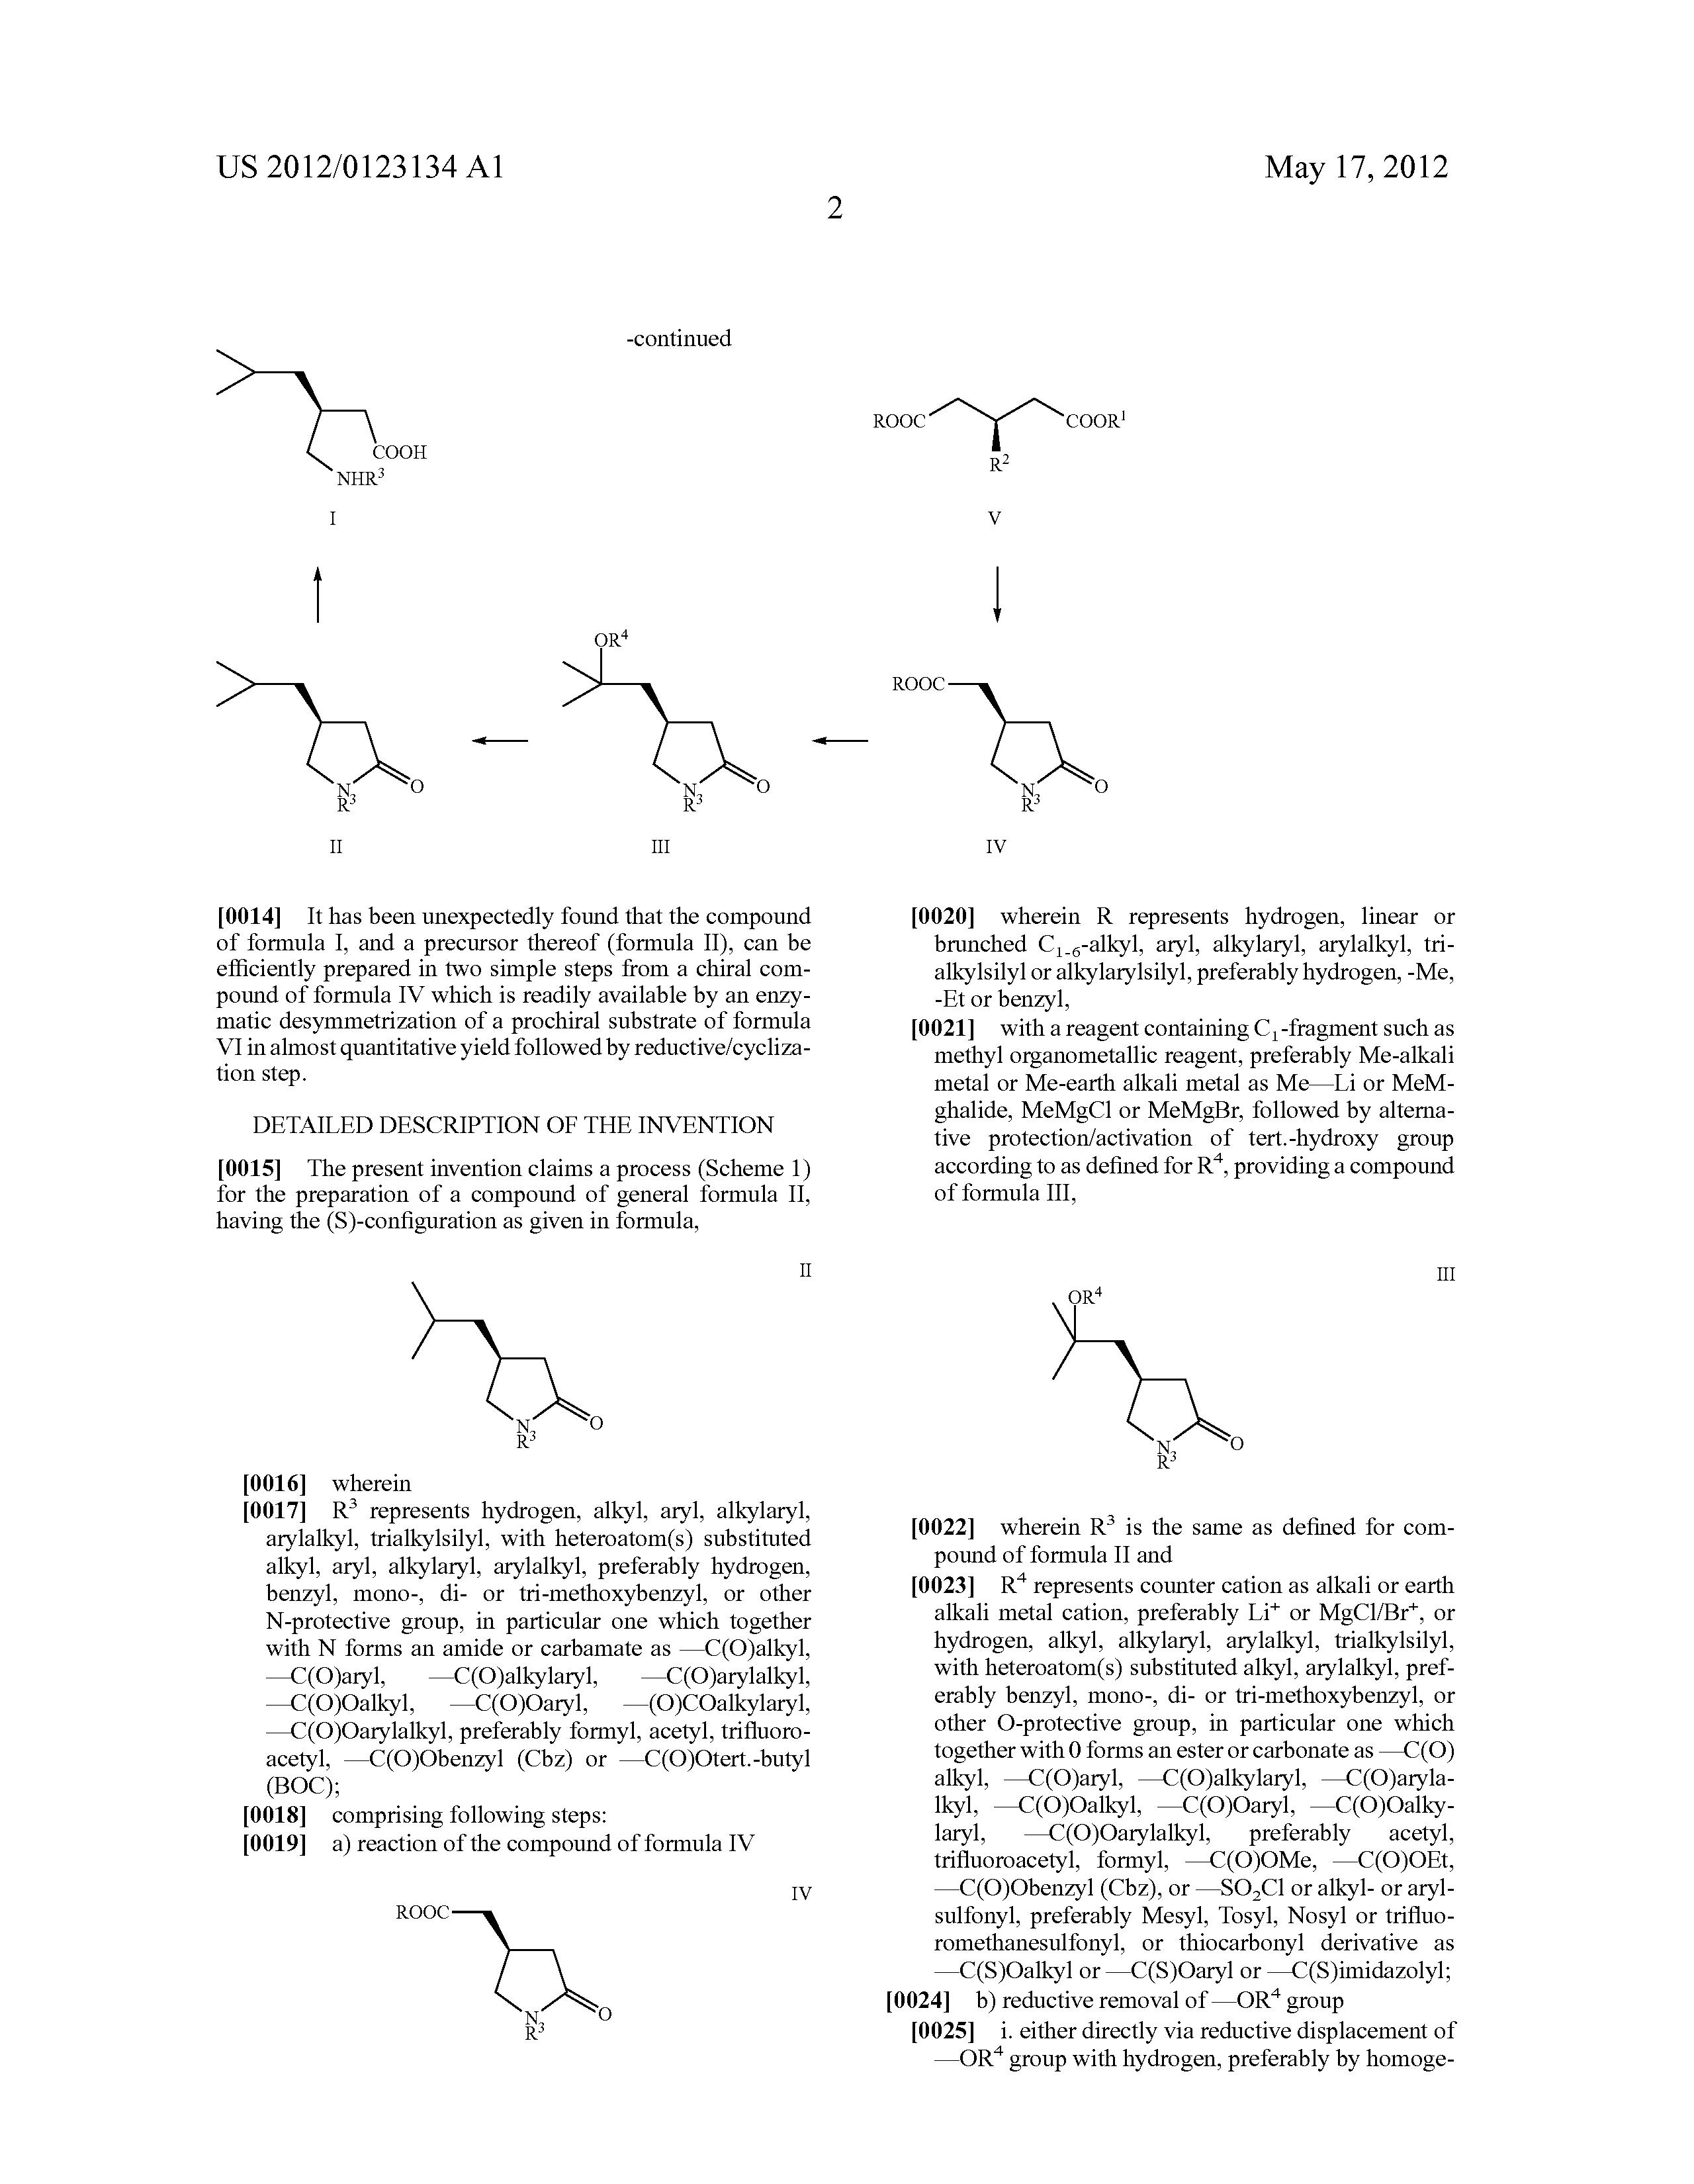 pregabalin s-enantiomer vs r-enantiomer